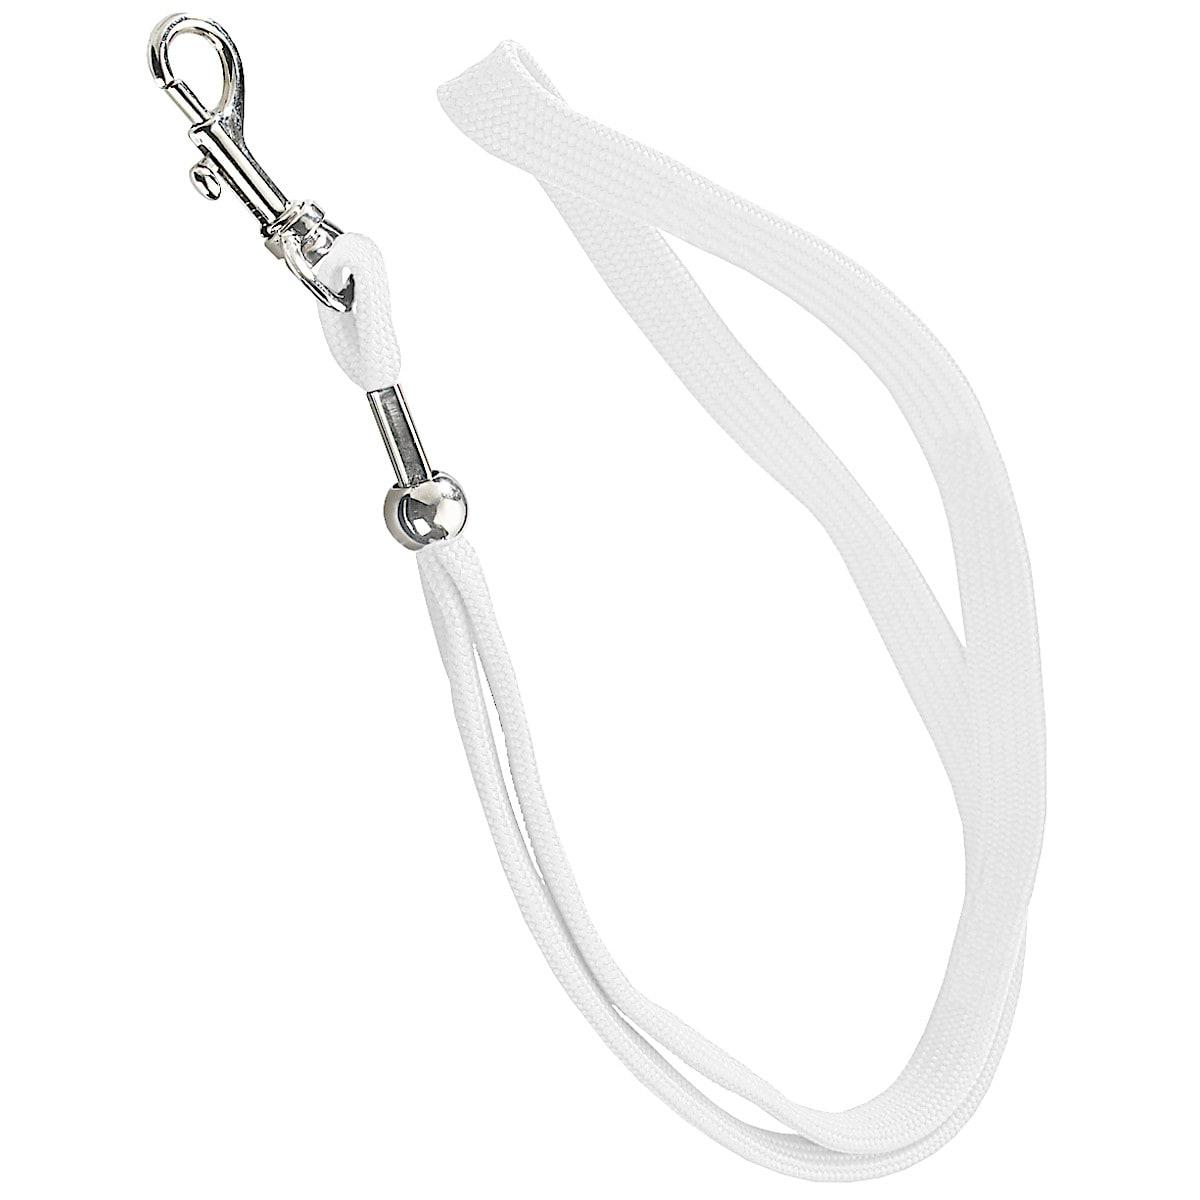 Snap Hook Key Lanyard